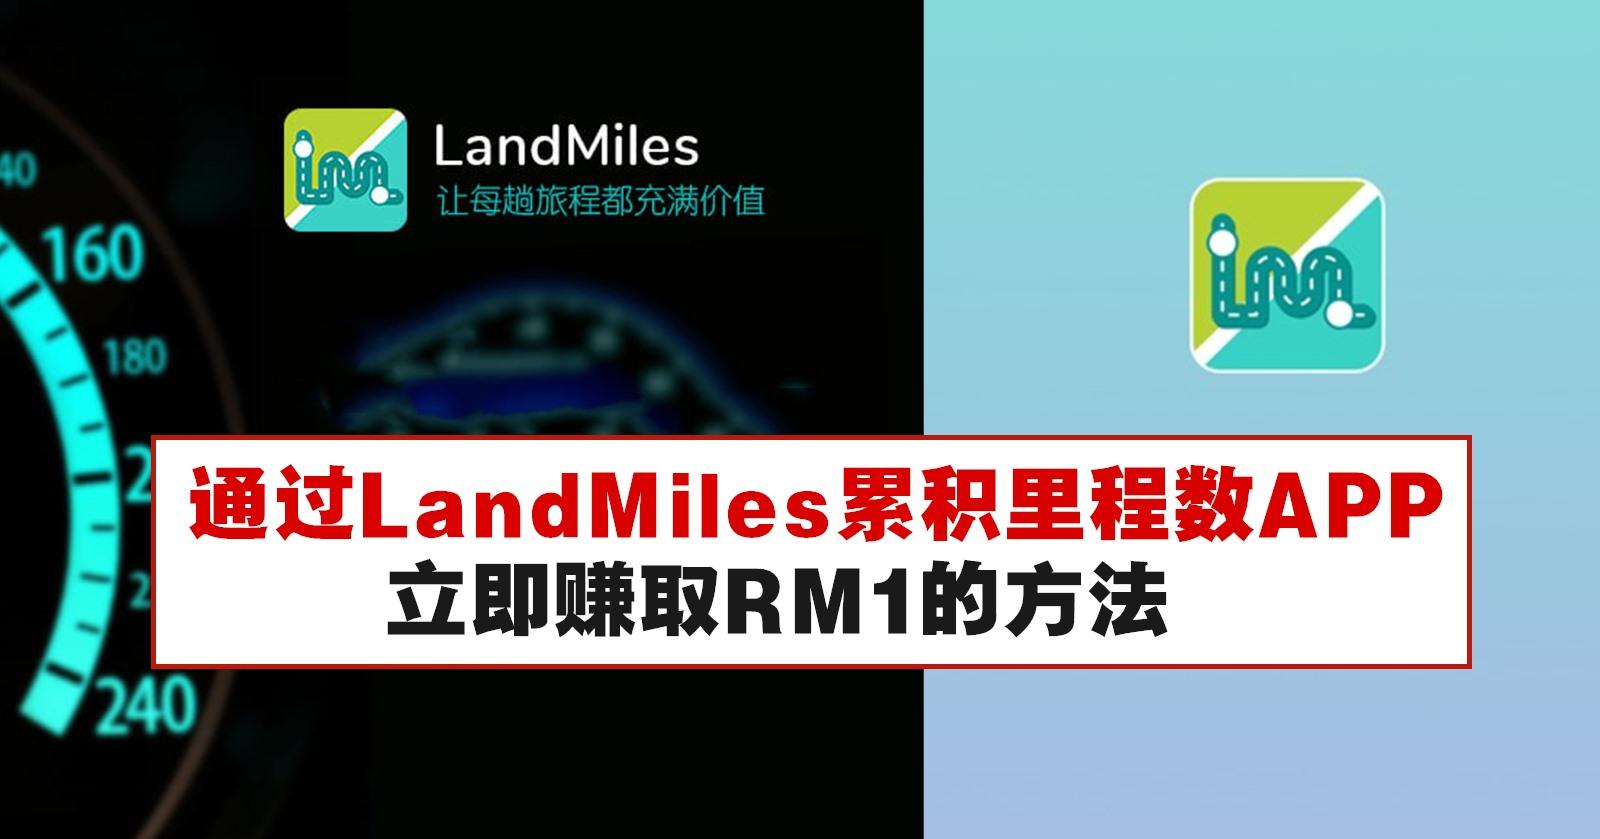 通过LandMiles立即赚取RM1的方法